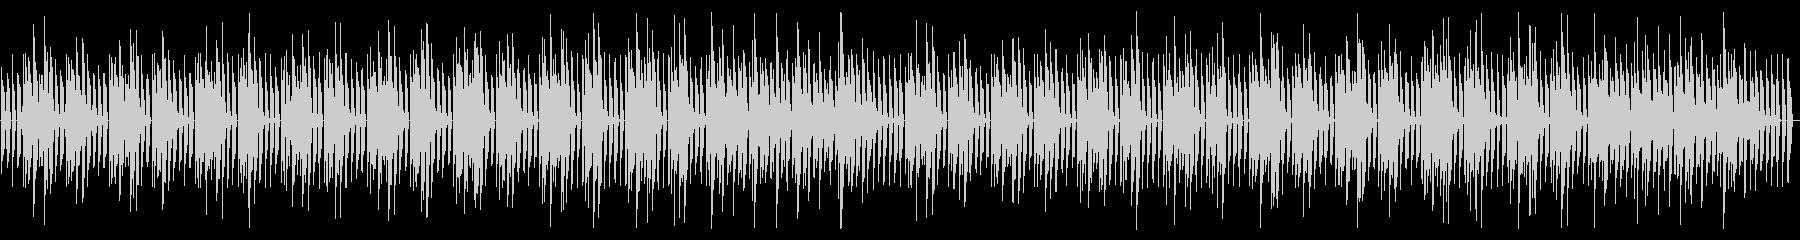 YouTube アコギソロ・シンプルの未再生の波形